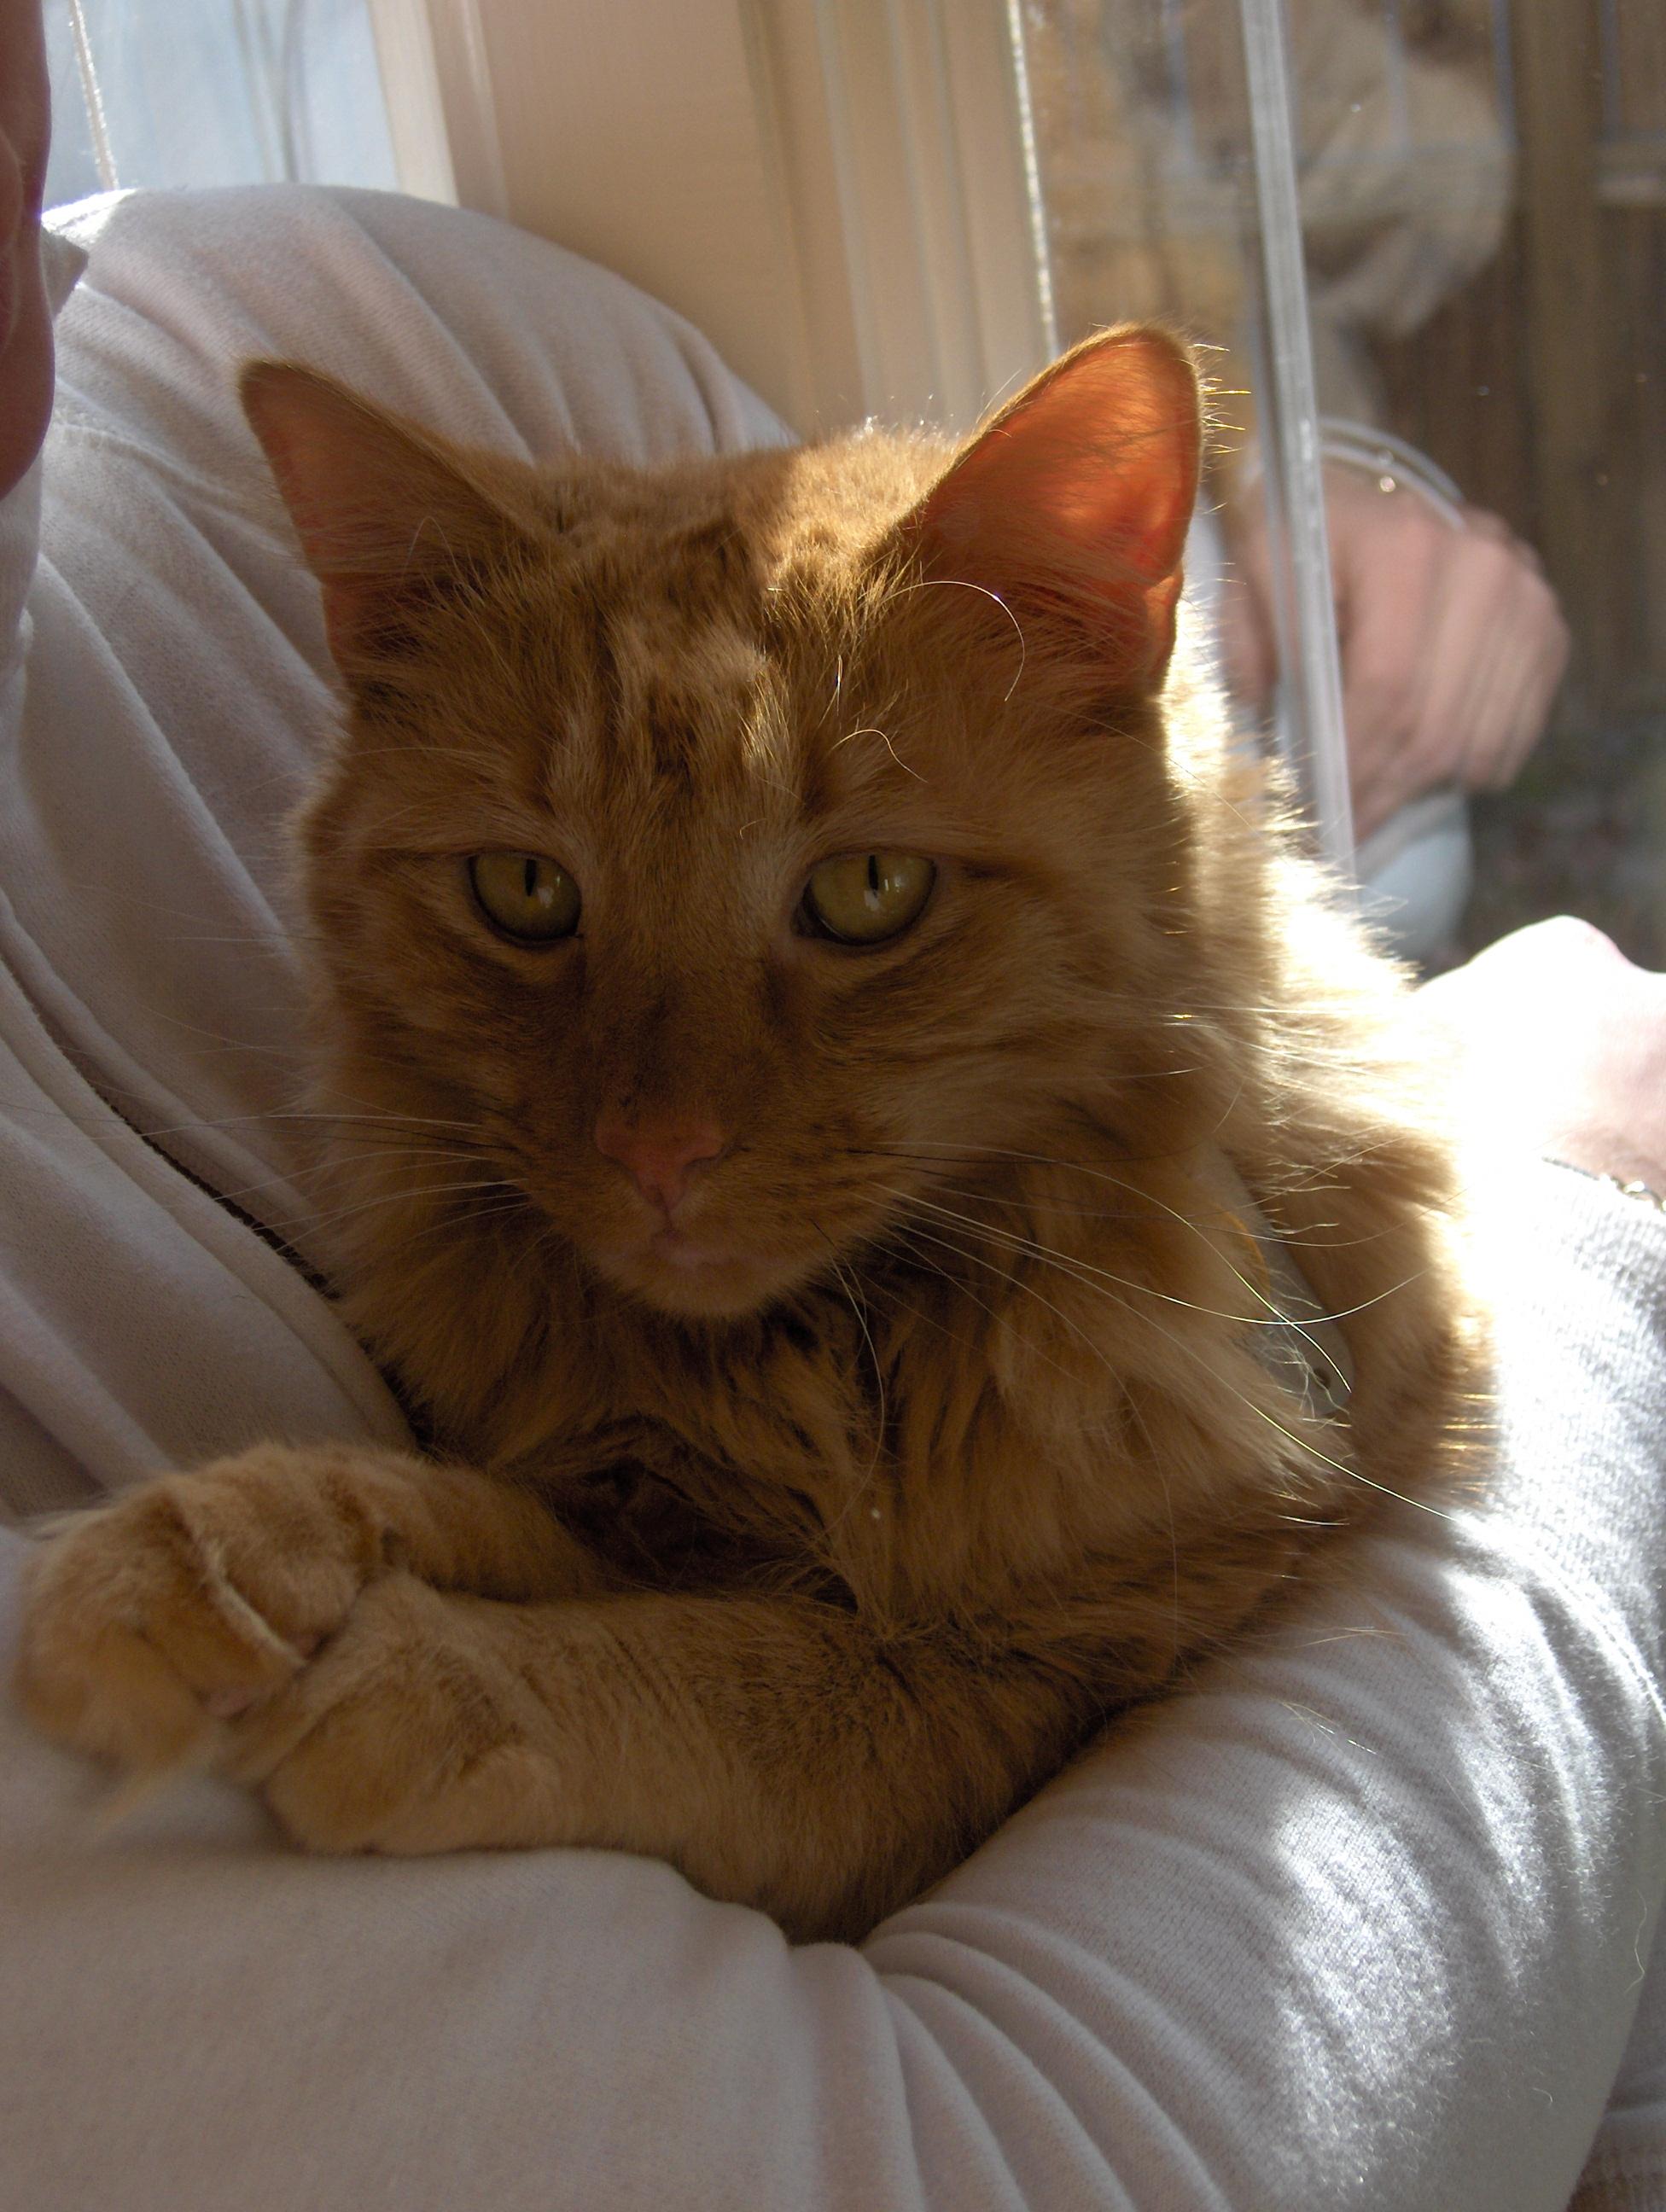 TVRH triangle veterinary referral hospital trianglevrh Atticus.JPG